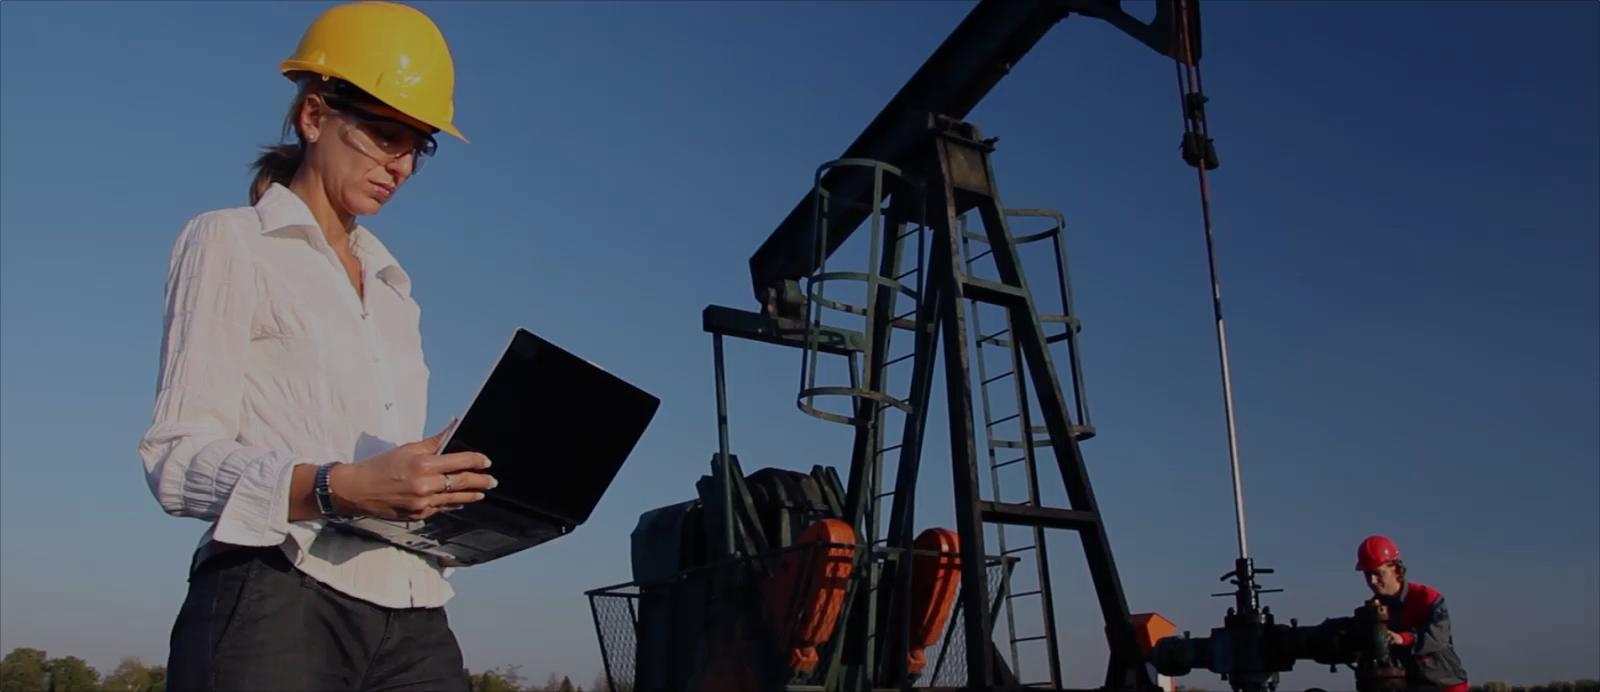 能源和采矿业 Energy and Mining